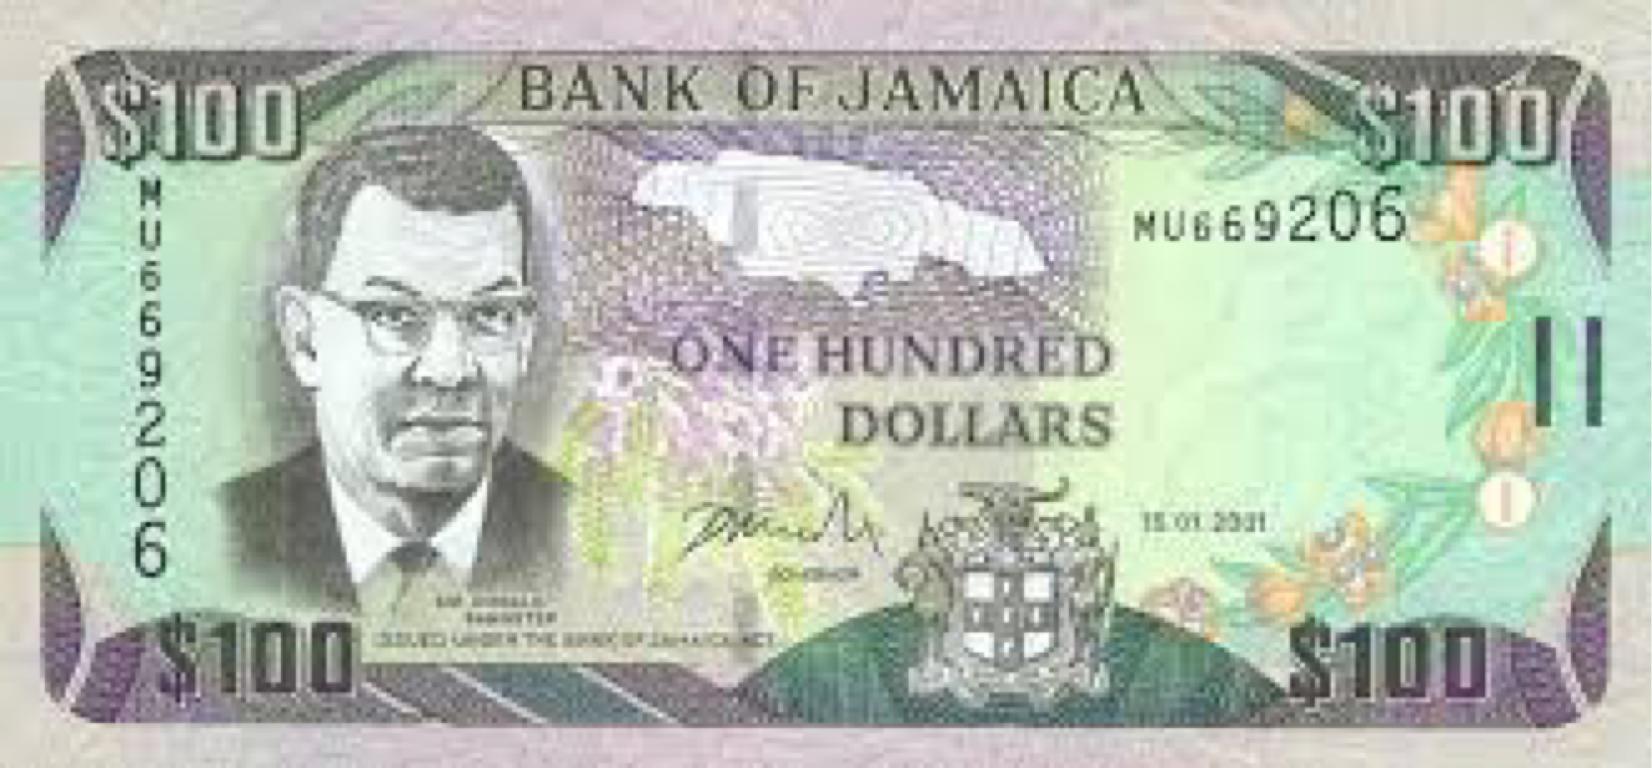 Convert Us To Jamaican Dollars New Dollar Wallpaper Hd Noeimage